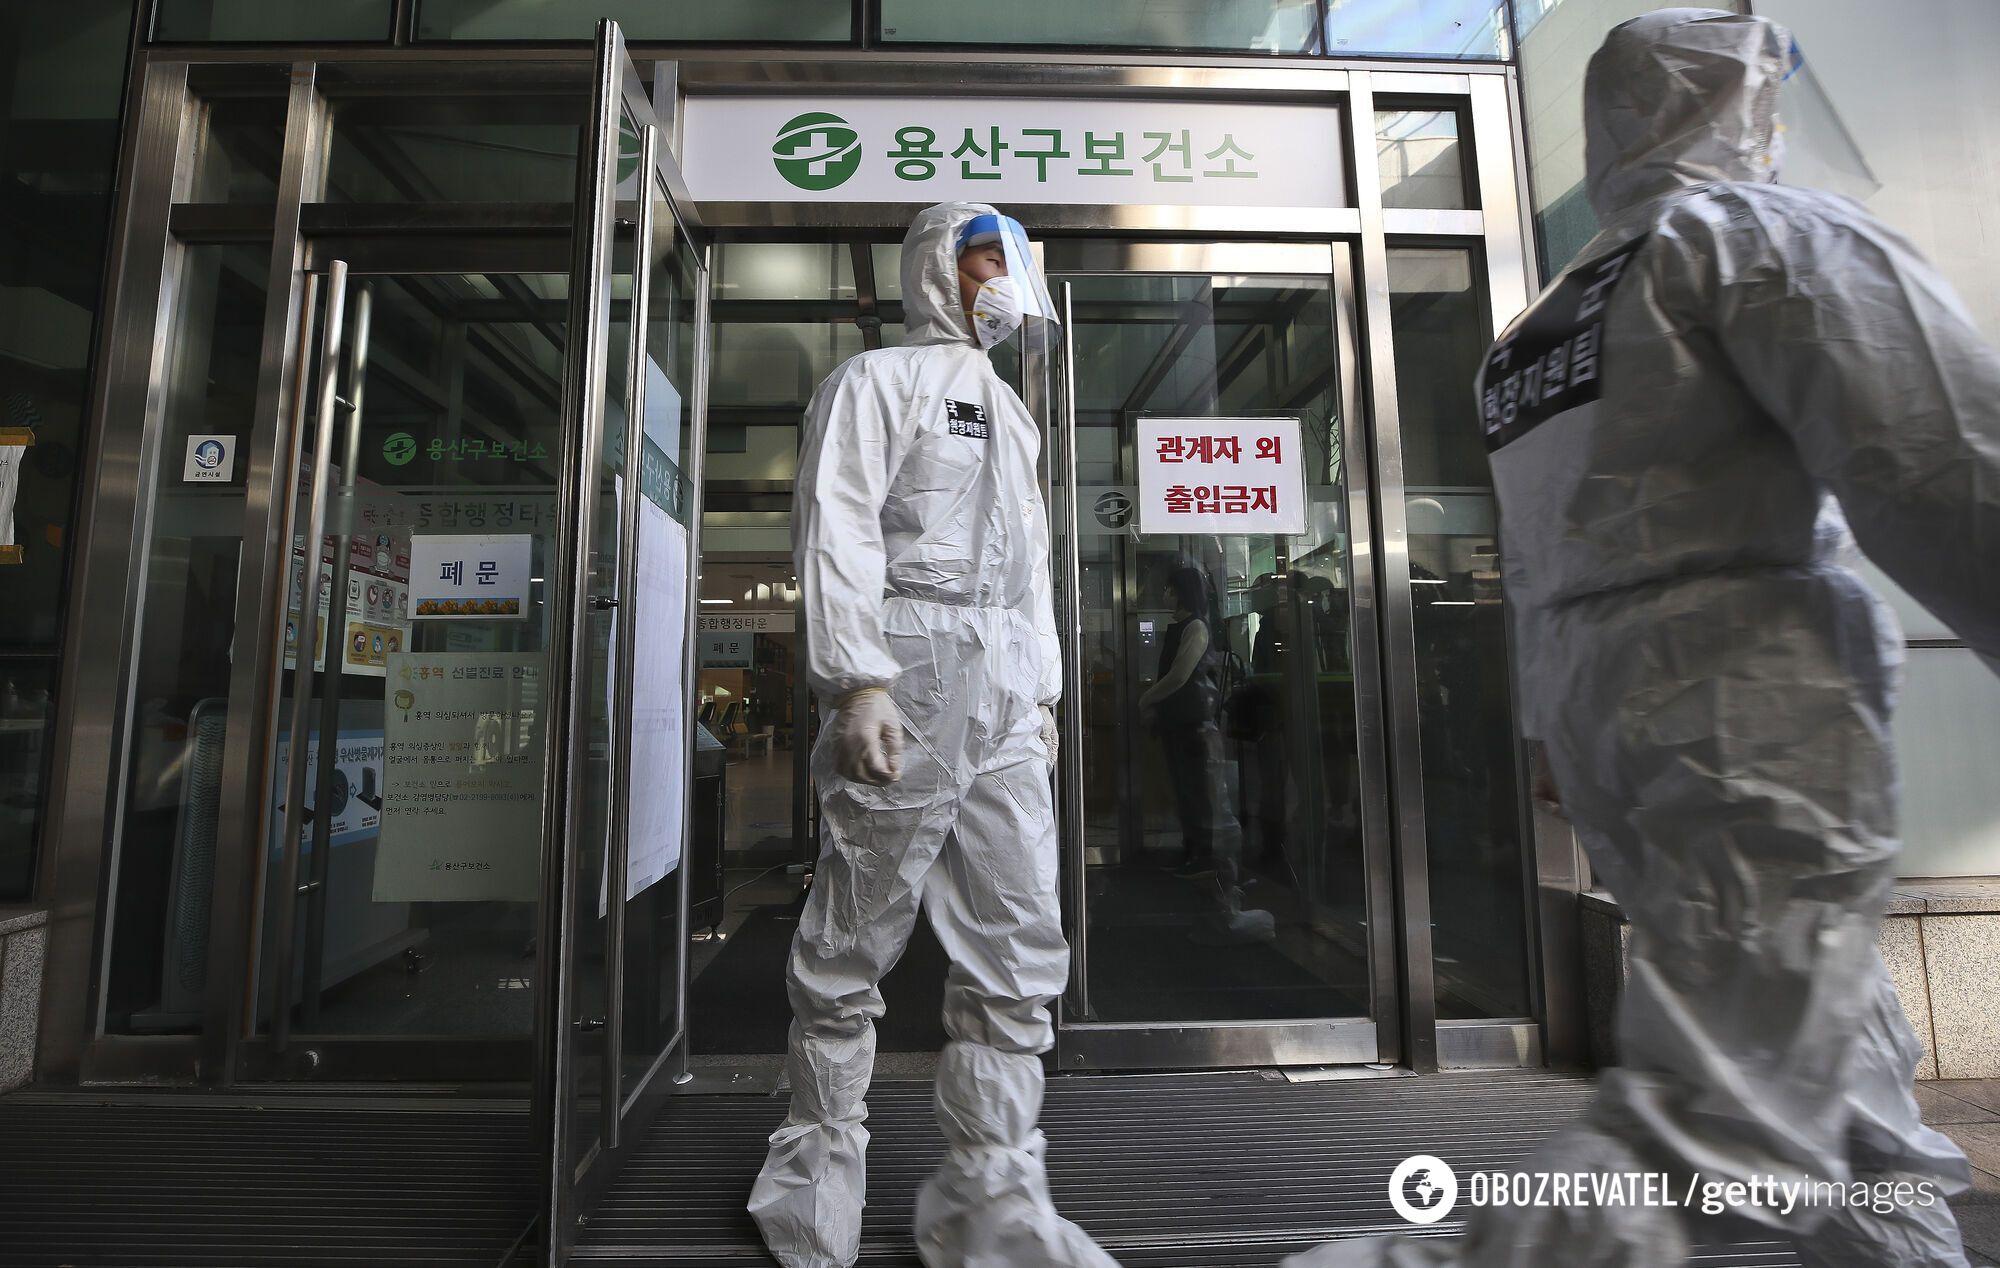 Епідемія коронавірусу триває у світі з кінця 2019 року.